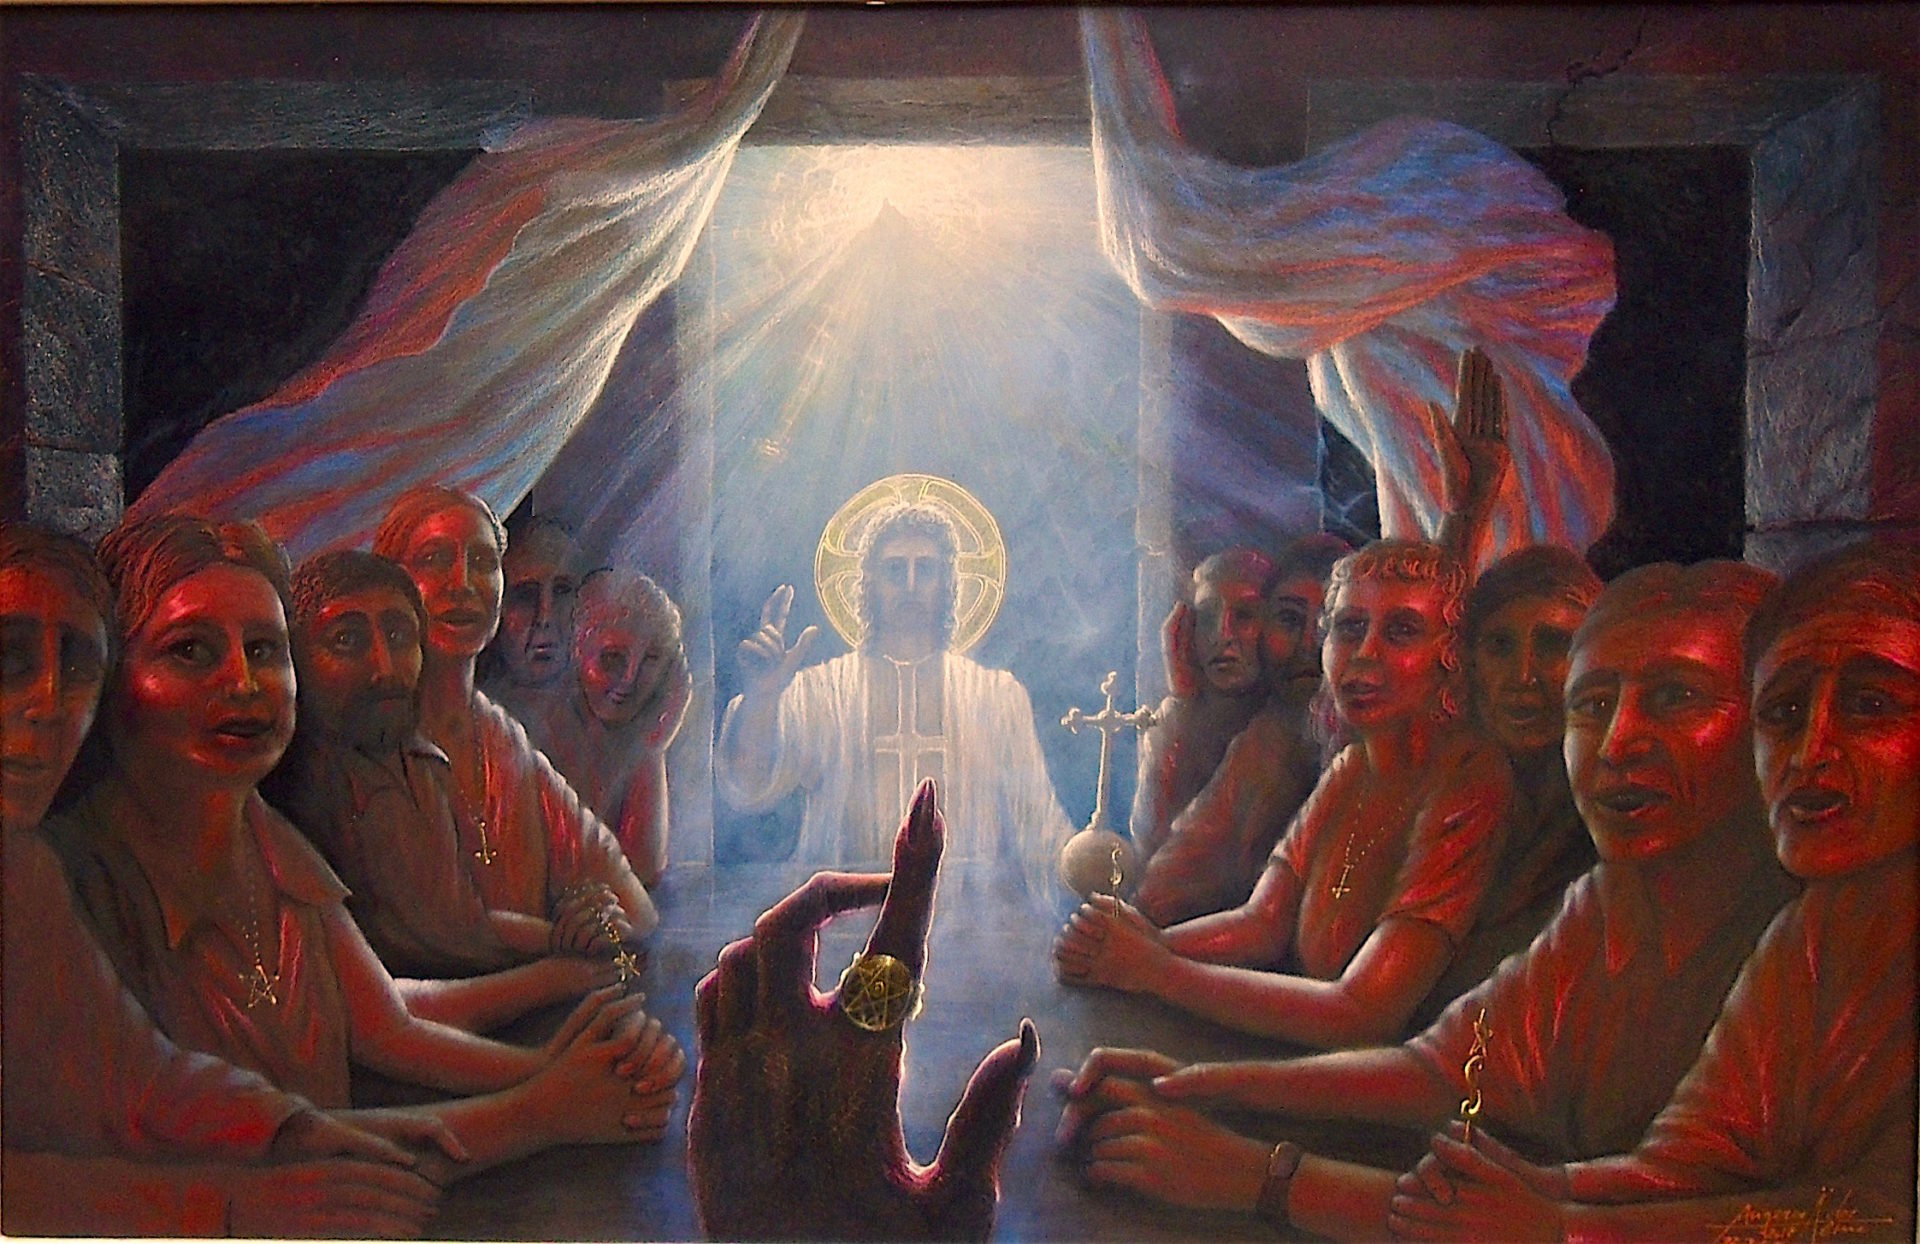 Ankunft des Antichristen - Der Antichrist